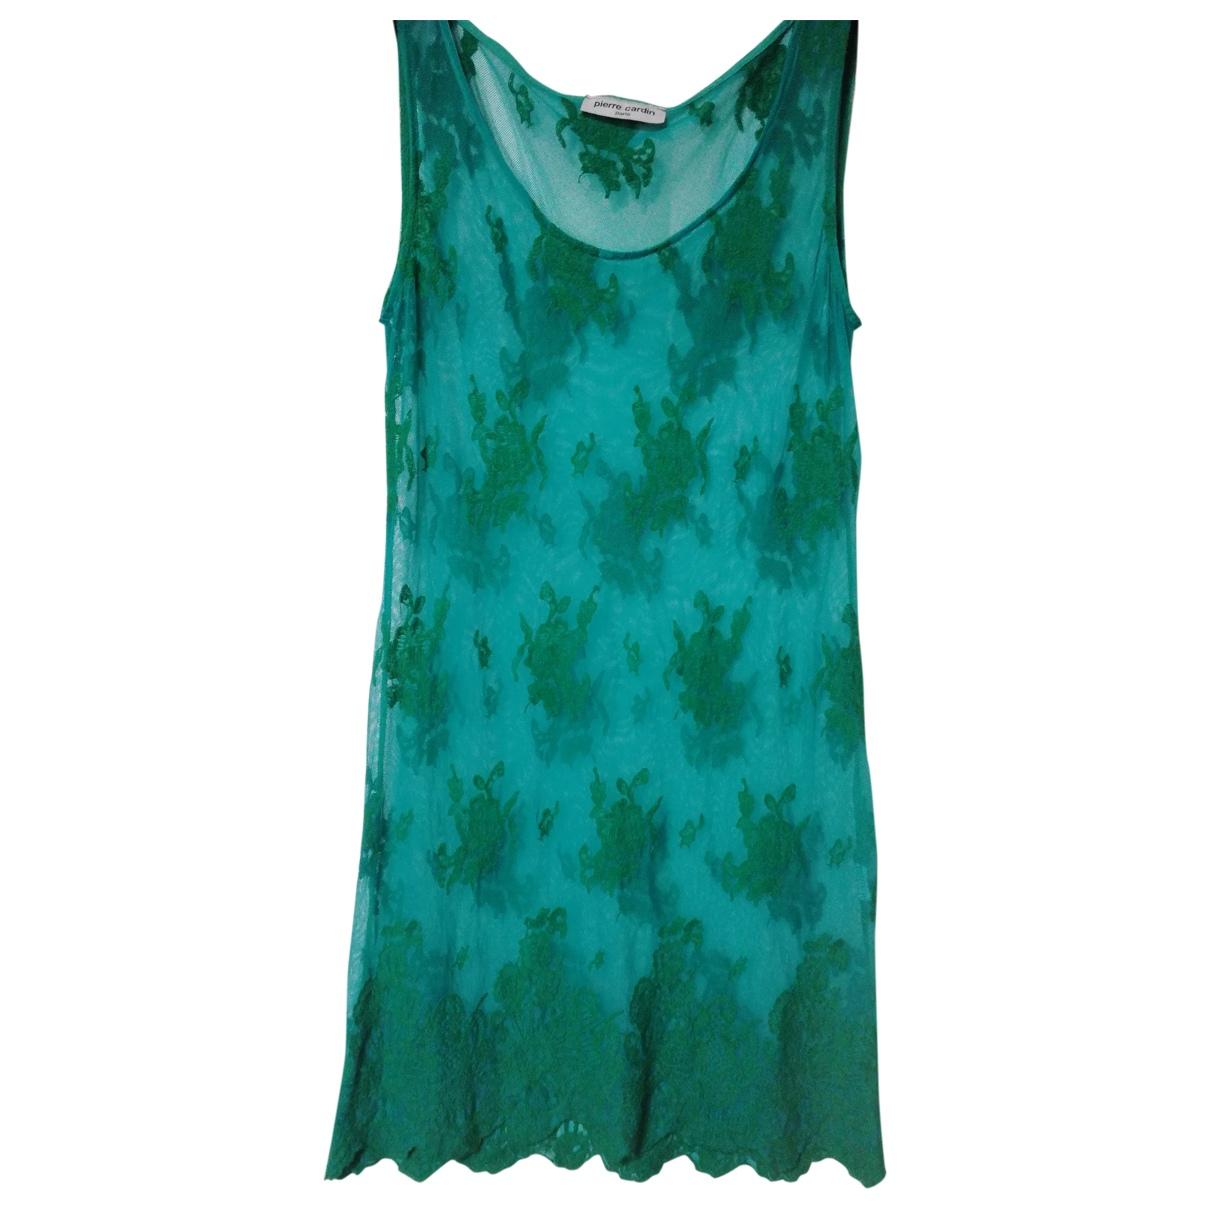 Pierre Cardin \N Green dress for Women M International